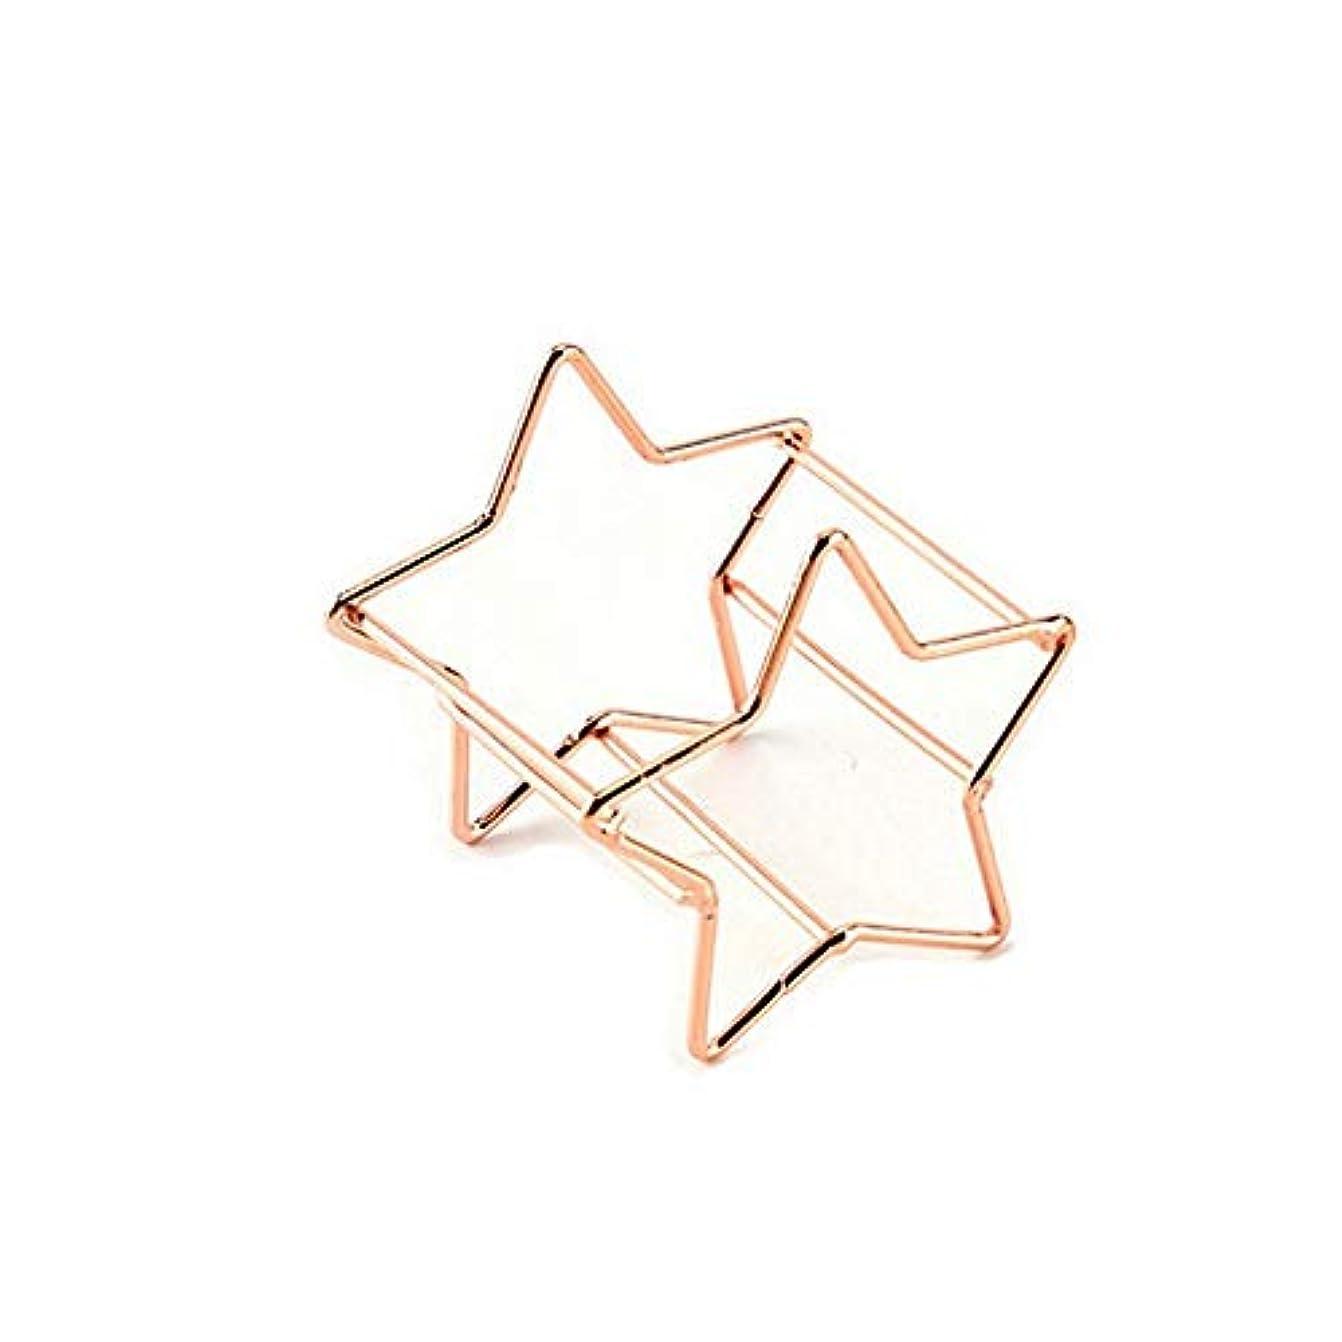 ボーナス上流の突然パフスタンド 化粧用スポンジ置き メイク道具 乾燥 干し用 かわいい  円形 星型 スタンド